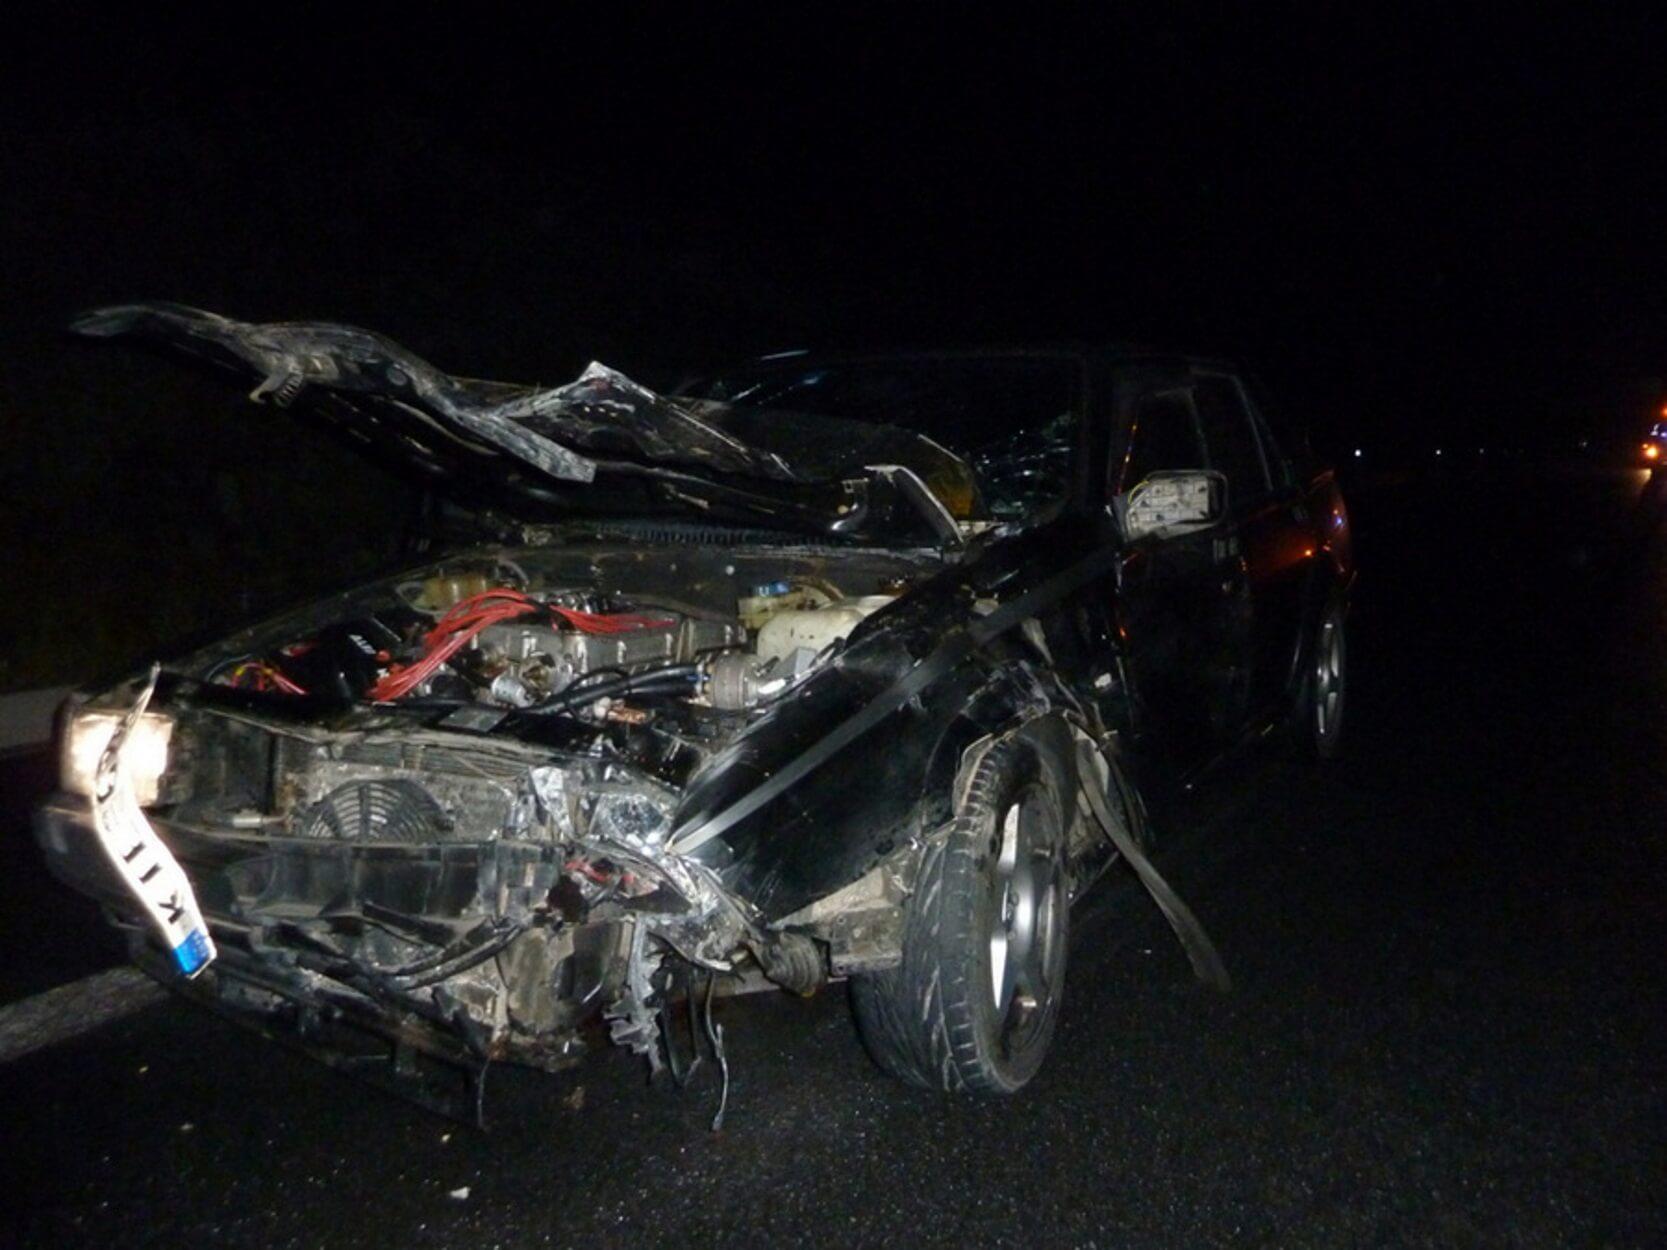 Αττική: Βάψαμε κόκκινη την άσφαλτο – Περισσότερα από 500 τροχαία ατυχήματα!